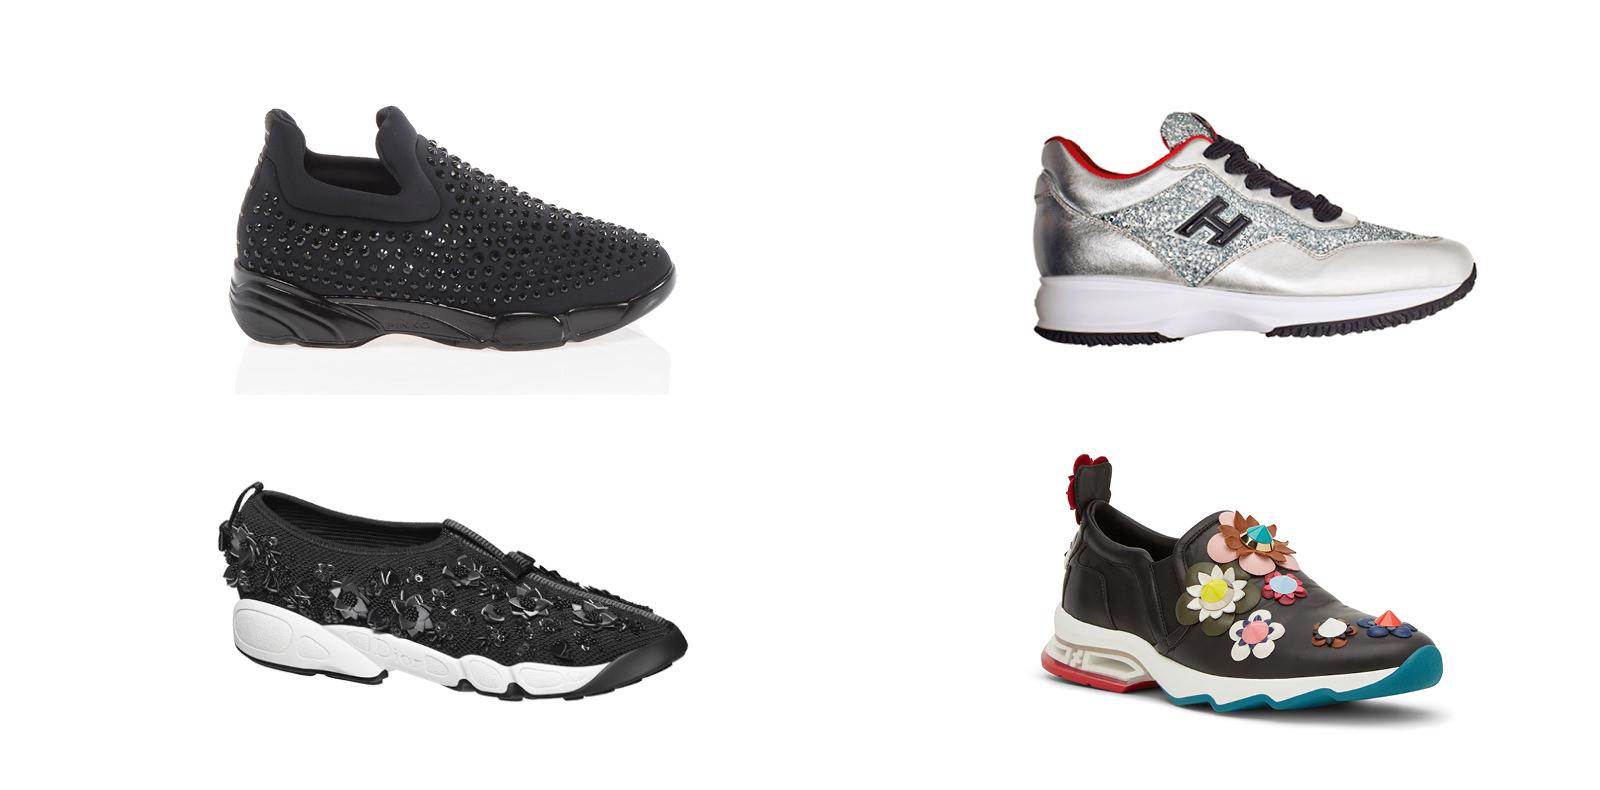 """De gauche à droite et de haut en bas:  Sneakers """"Shine baby Shine"""" en cuir et paillettes, PINKO. Sneakers """"Interactive"""" en cuir et paillettes, HOGAN CLUB EDITION. Sneakers en tissu technique à broderies florale, DIOR. Sneakers en velours brodé de fleurs, FENDI."""